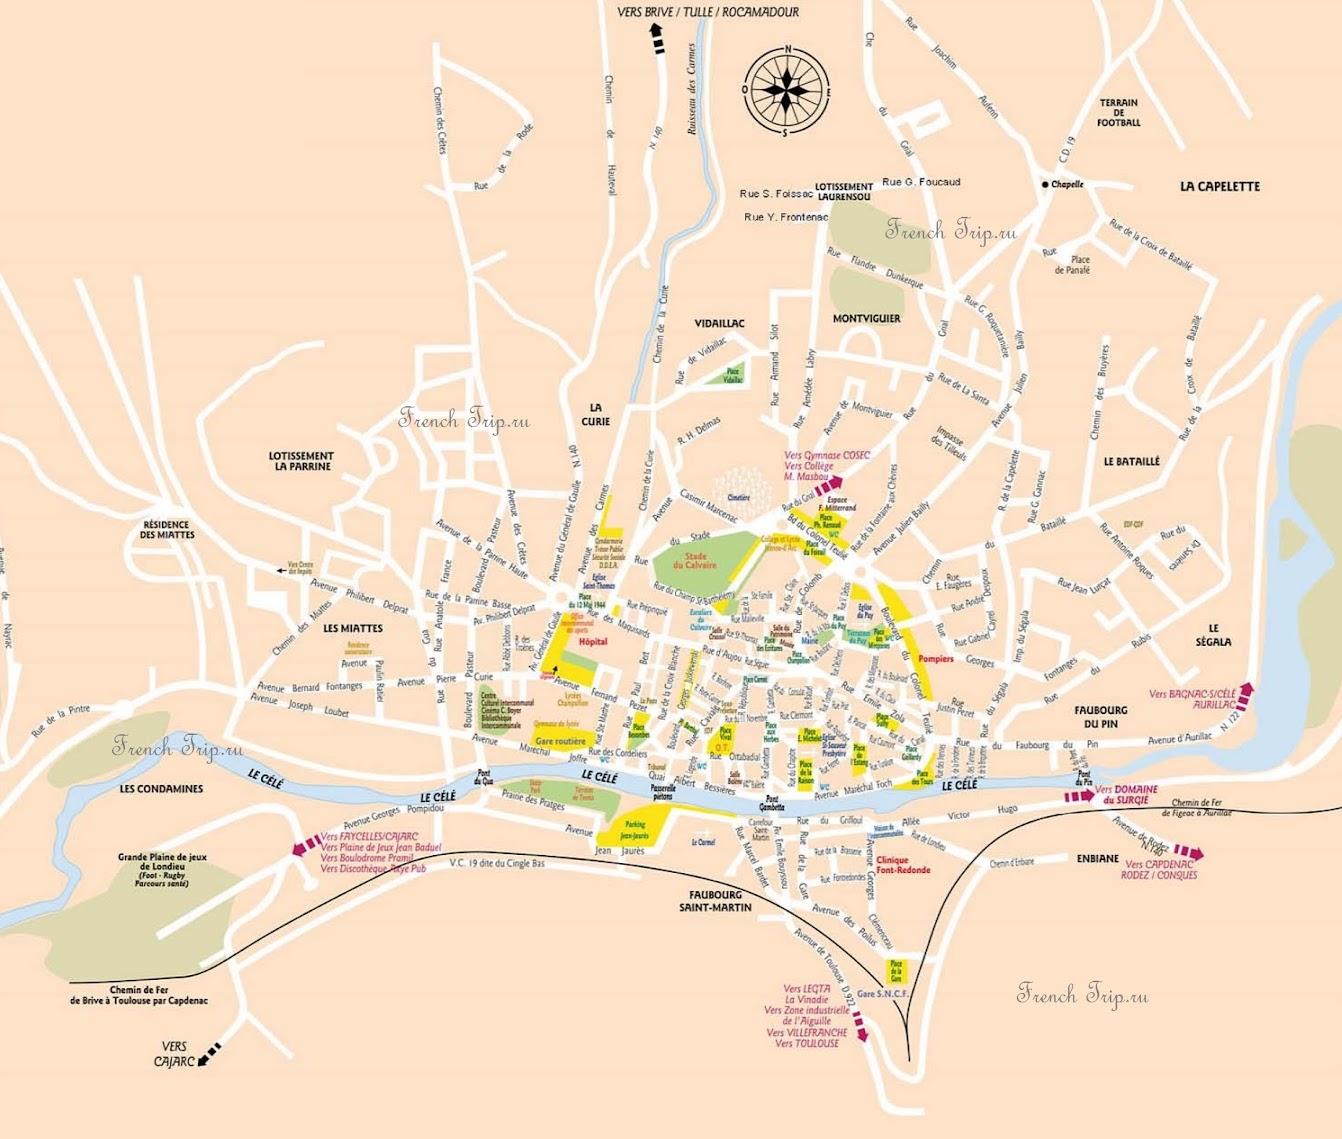 Парковки в Figeac /парковки в Фижаке - платные и бесплатные парковки, карта с парковками города Figeac, Миди-Пиренеи, Франция. Путеводитель по городу Figeac